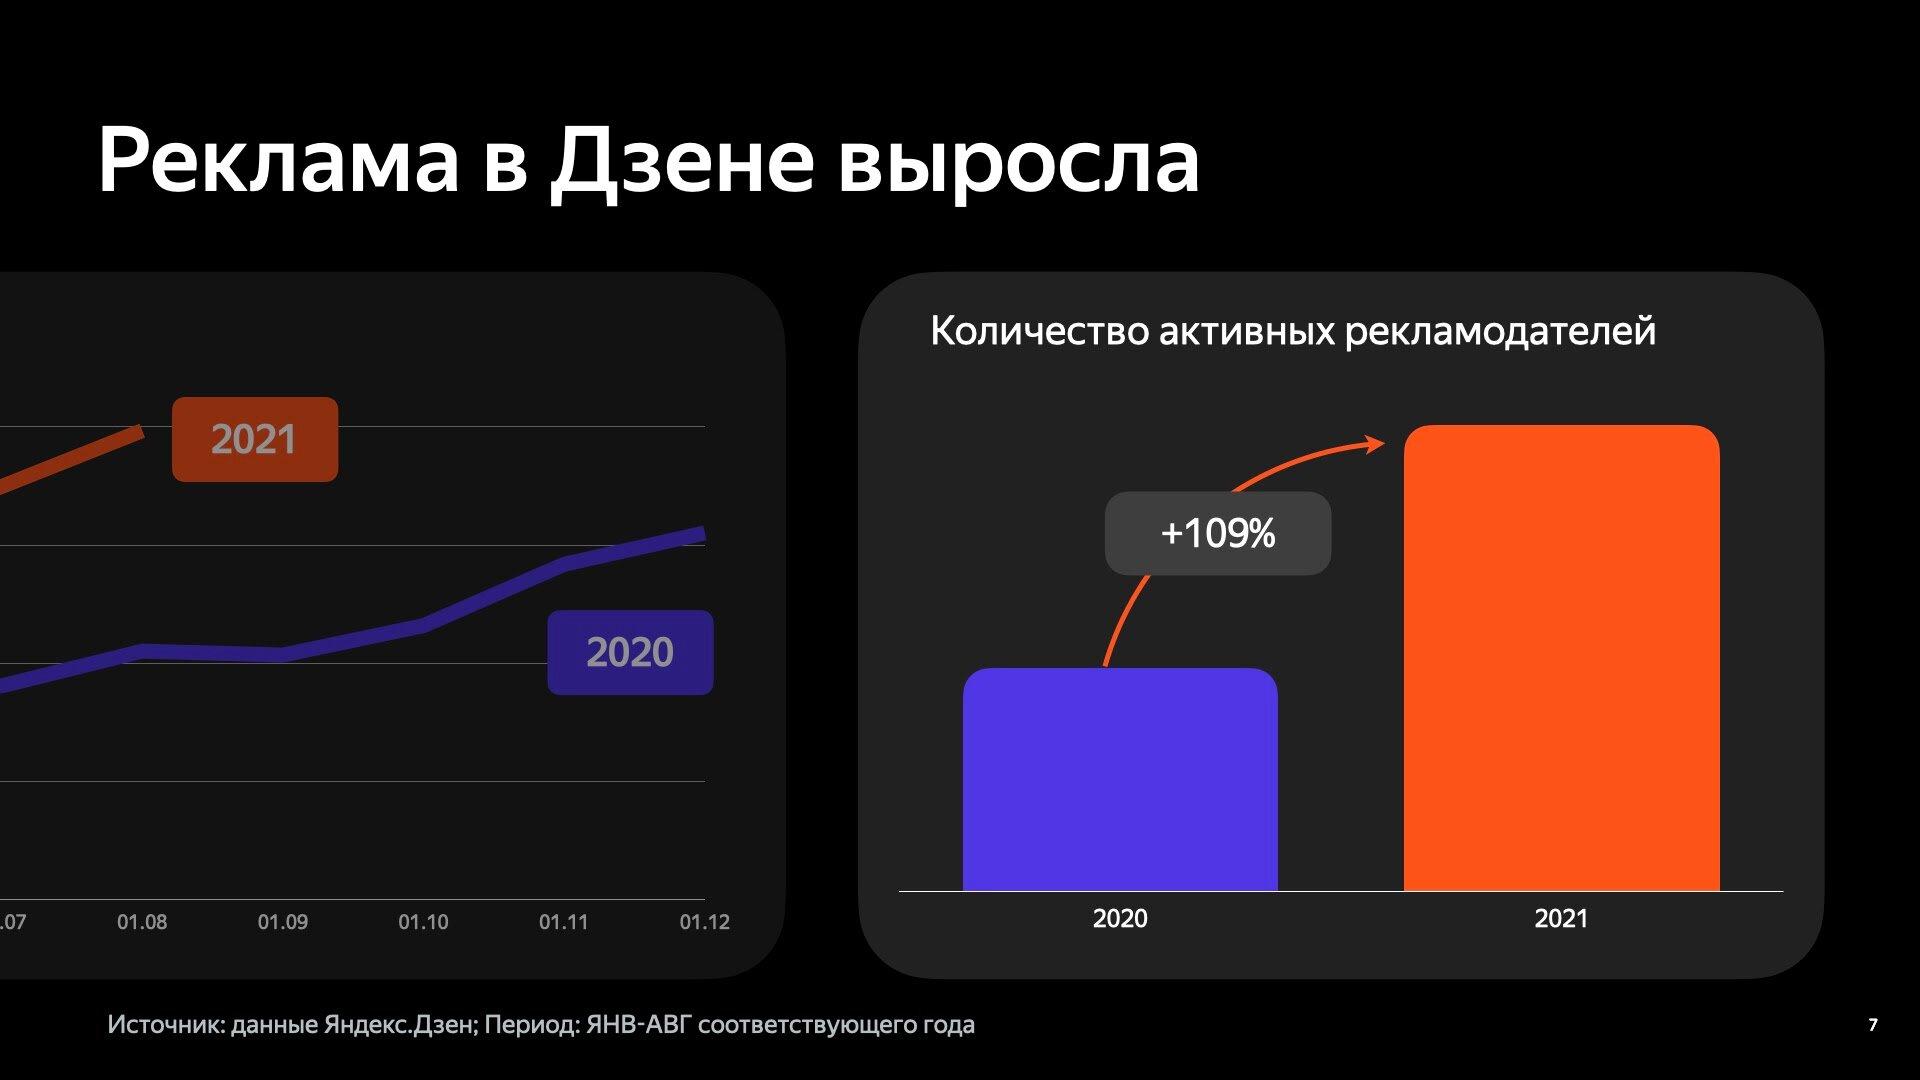 В «Яндекс.Дзене» реклама выросла в 2 раза